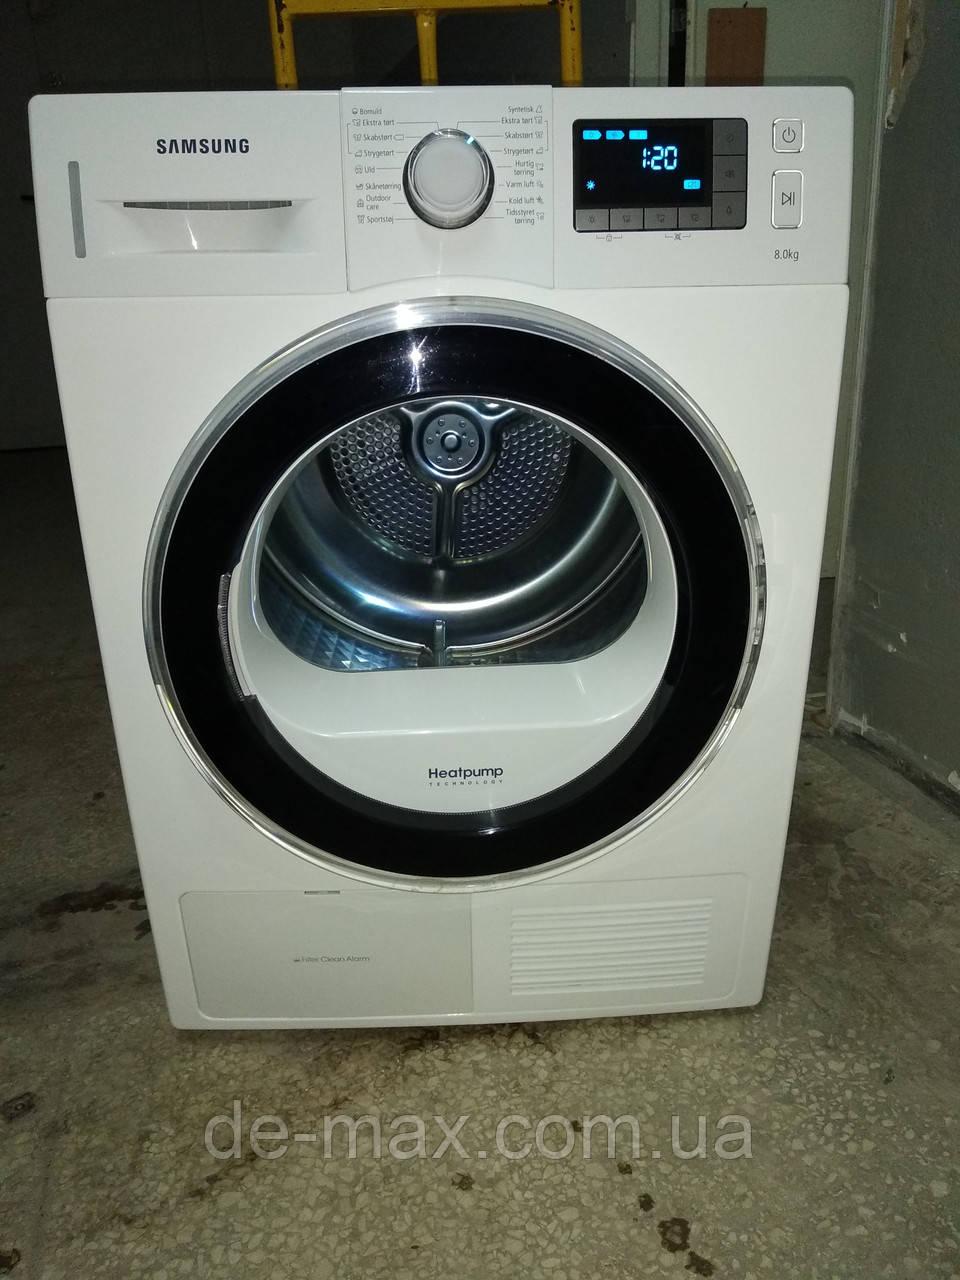 Сушильная машина на 8кг Samsung DV80F5EBHGW А++ с тепловым насосом